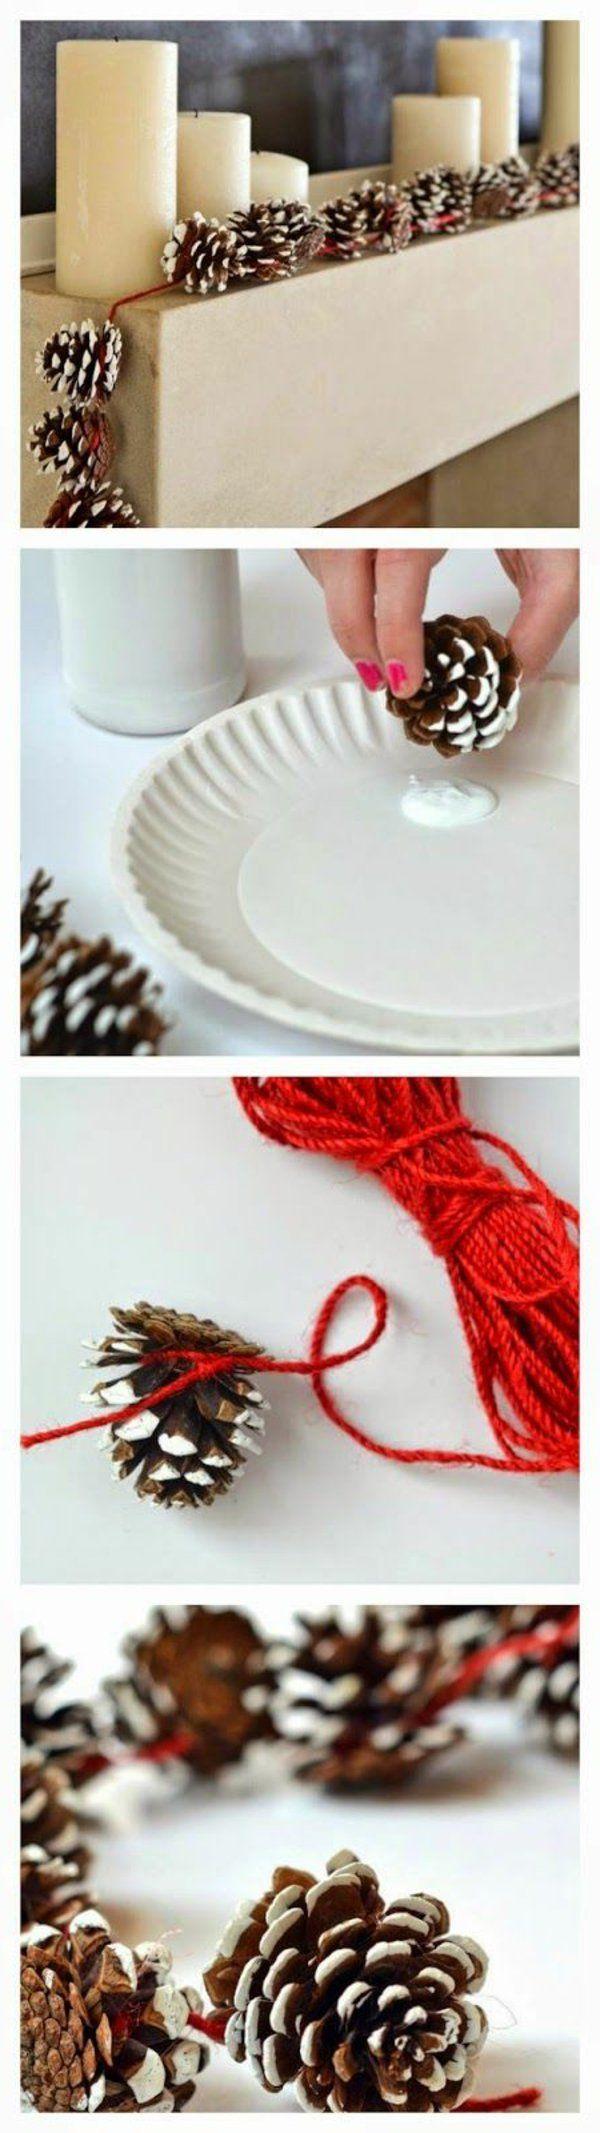 Weihnachtsdekoration - elegante Dekoideen mit Zapfen #decodenoelfaitmaison